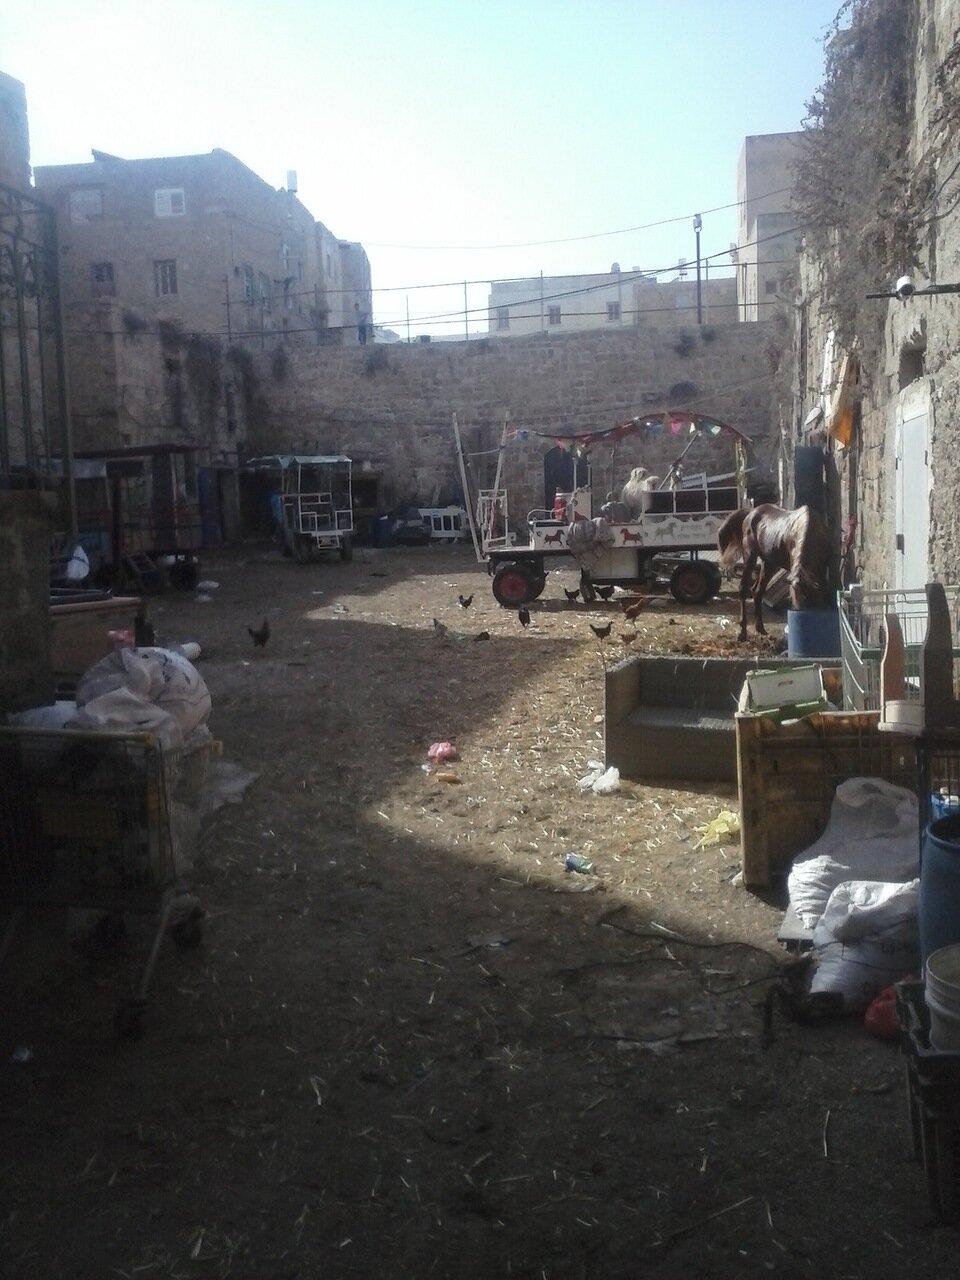 Арабский дворик похож на зоопарк: смешались в кучу верблюды, лошади, арабы, курицы